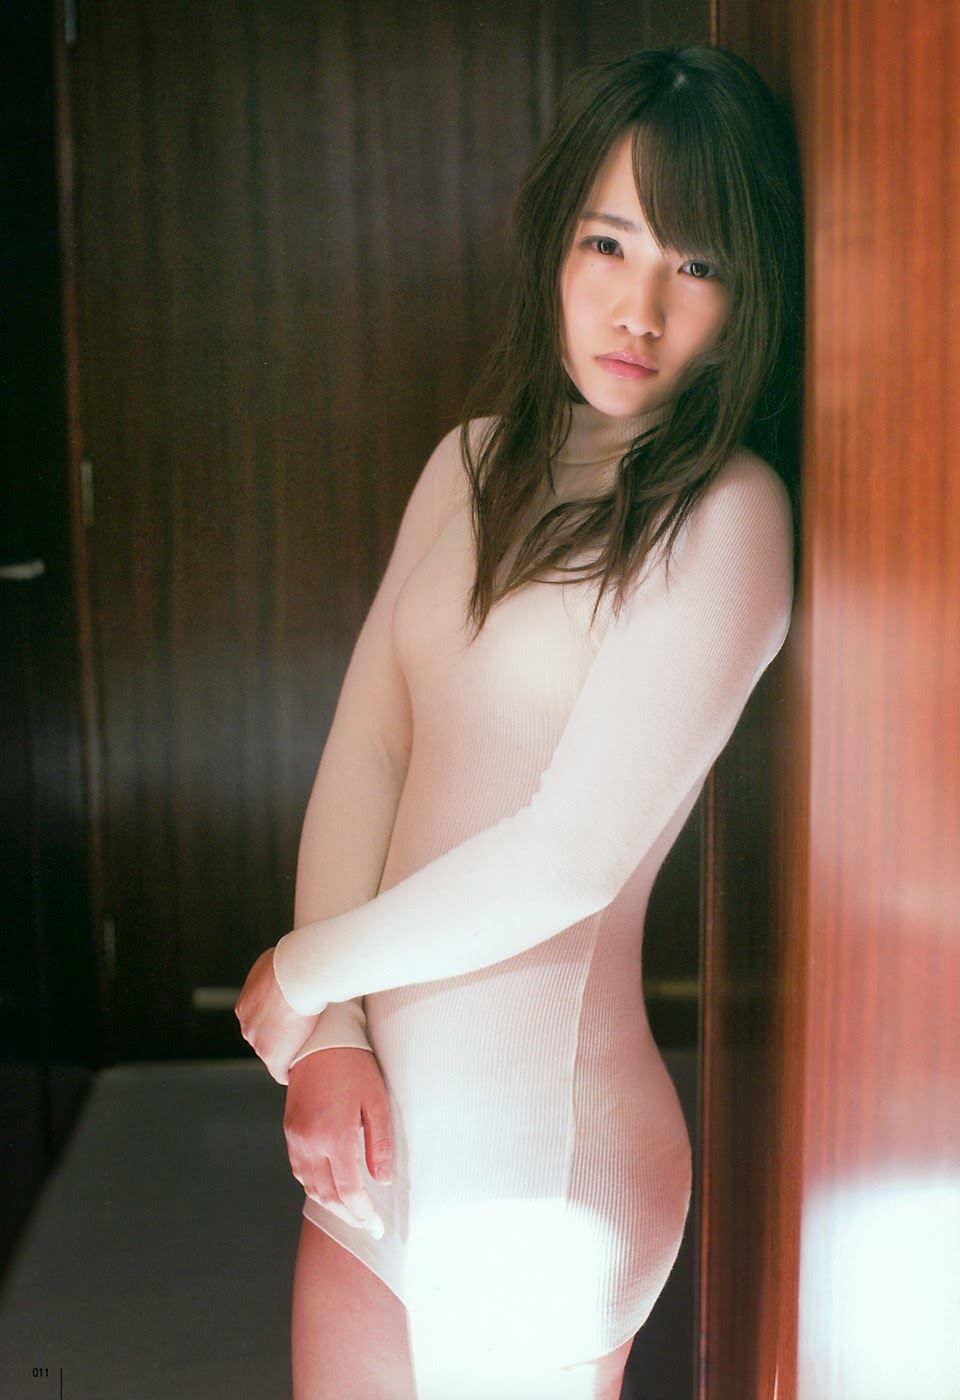 川栄李奈 画像 43